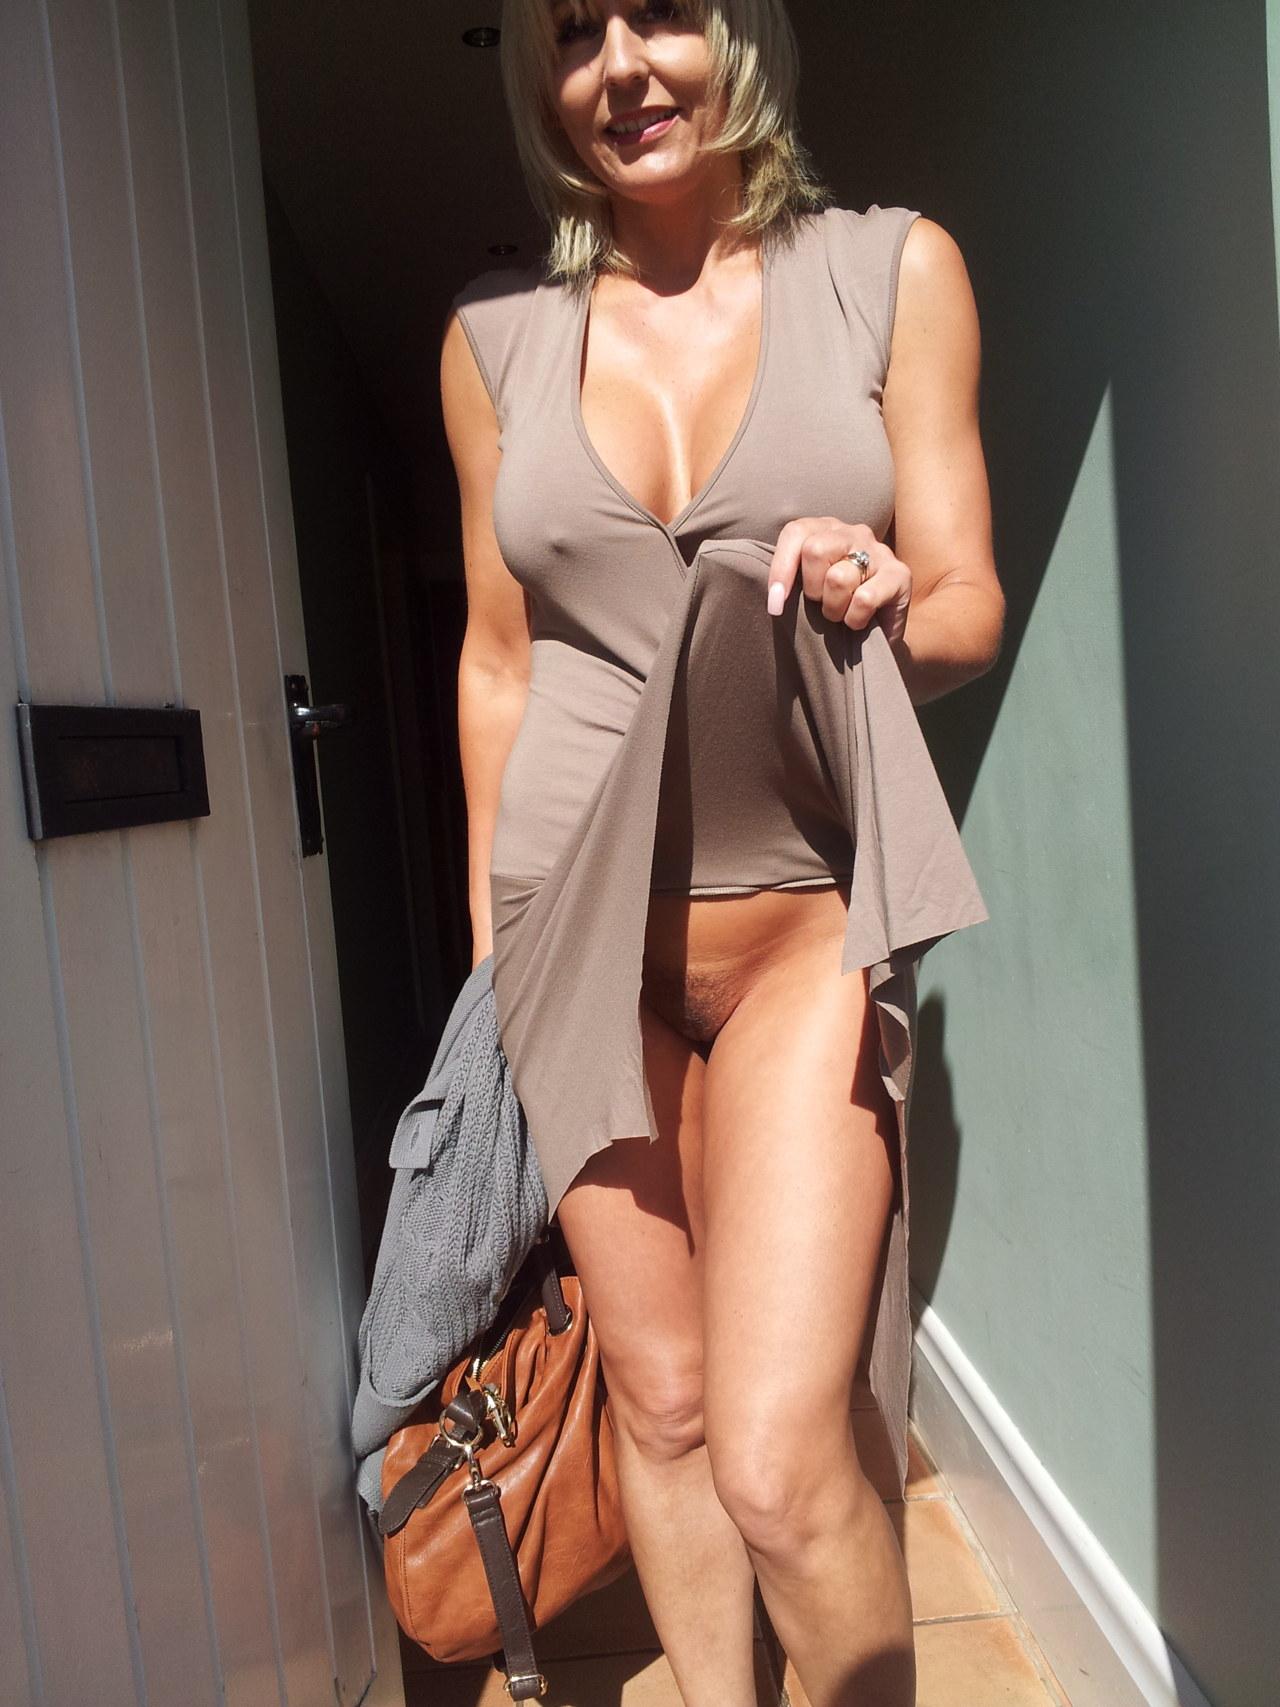 Что под юбками у взрослых дам 8 фотография